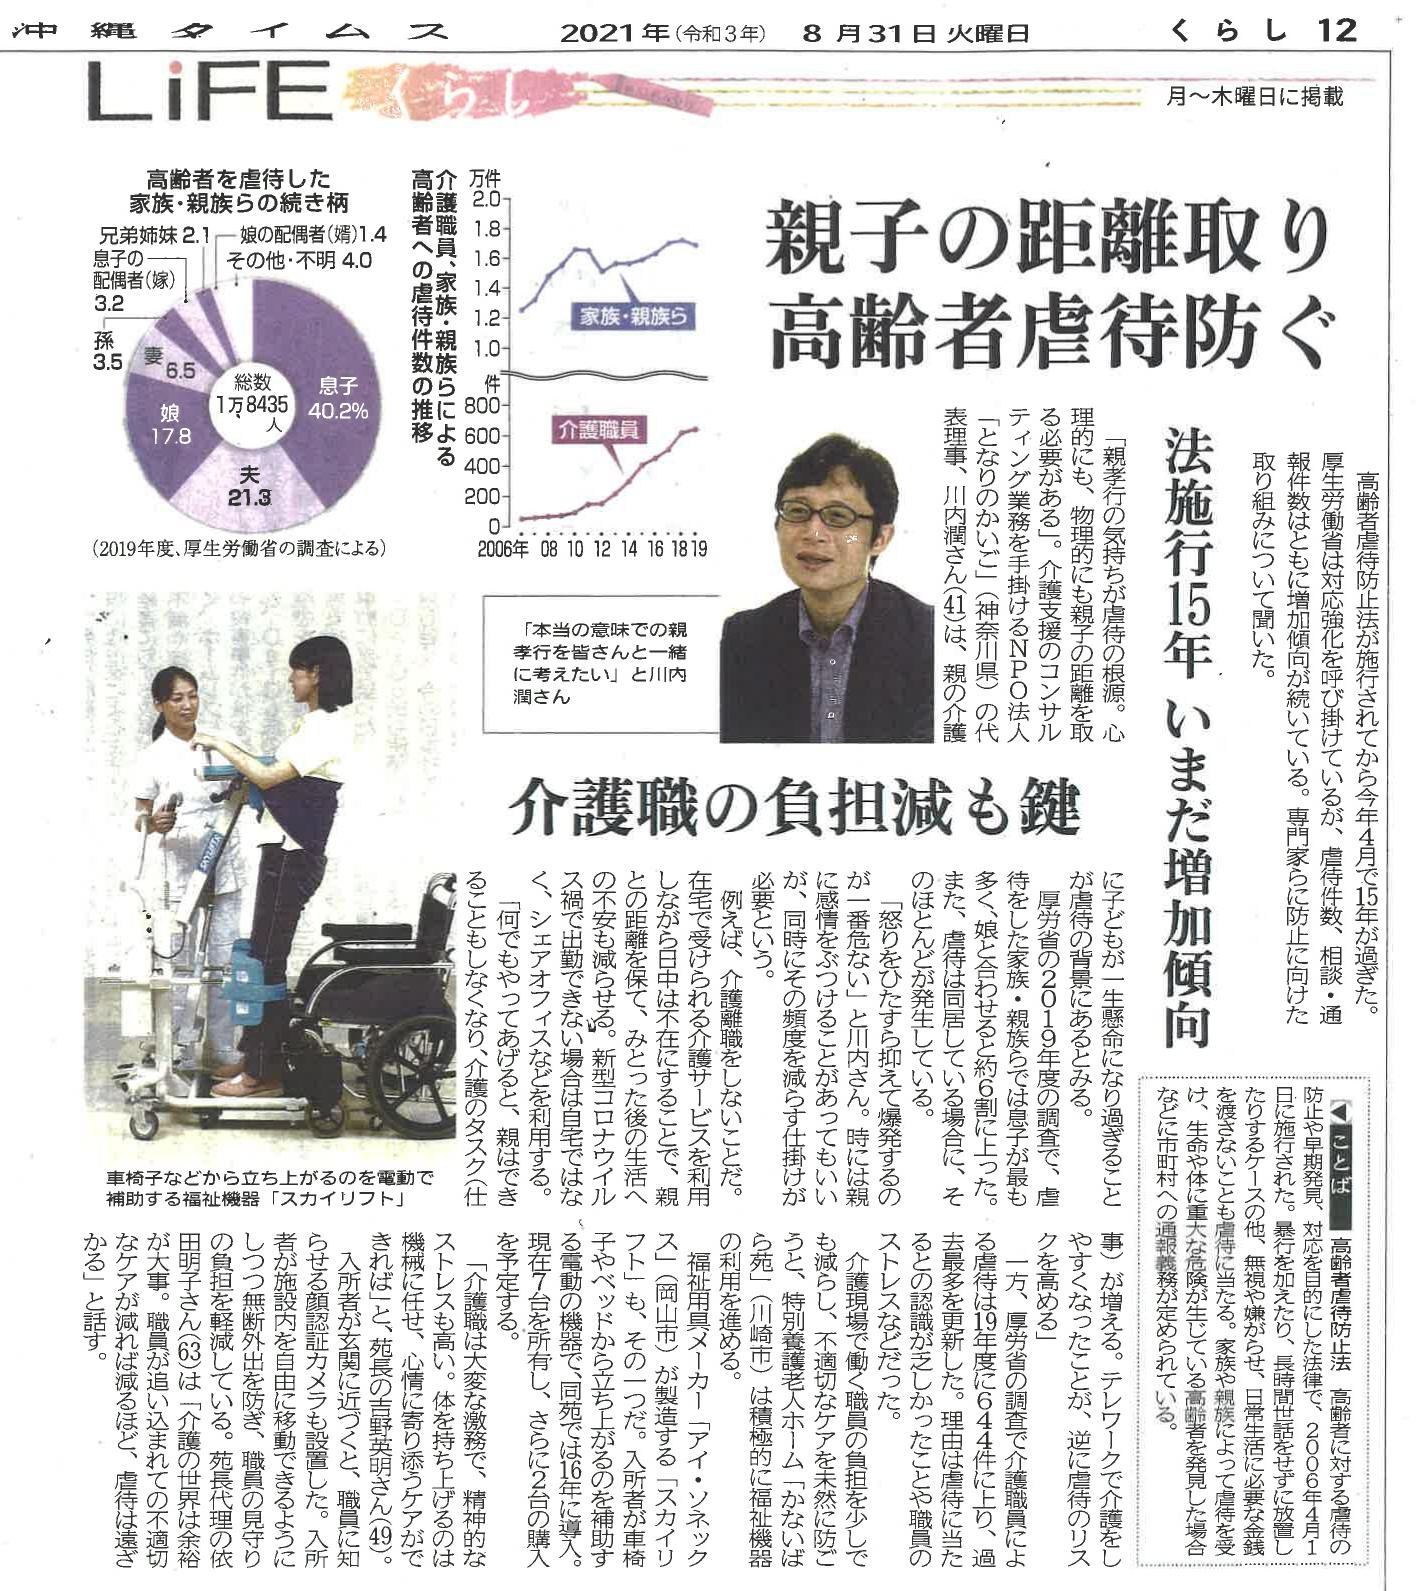 沖縄タイムス『親子の距離取り高齢者虐待防ぐ』